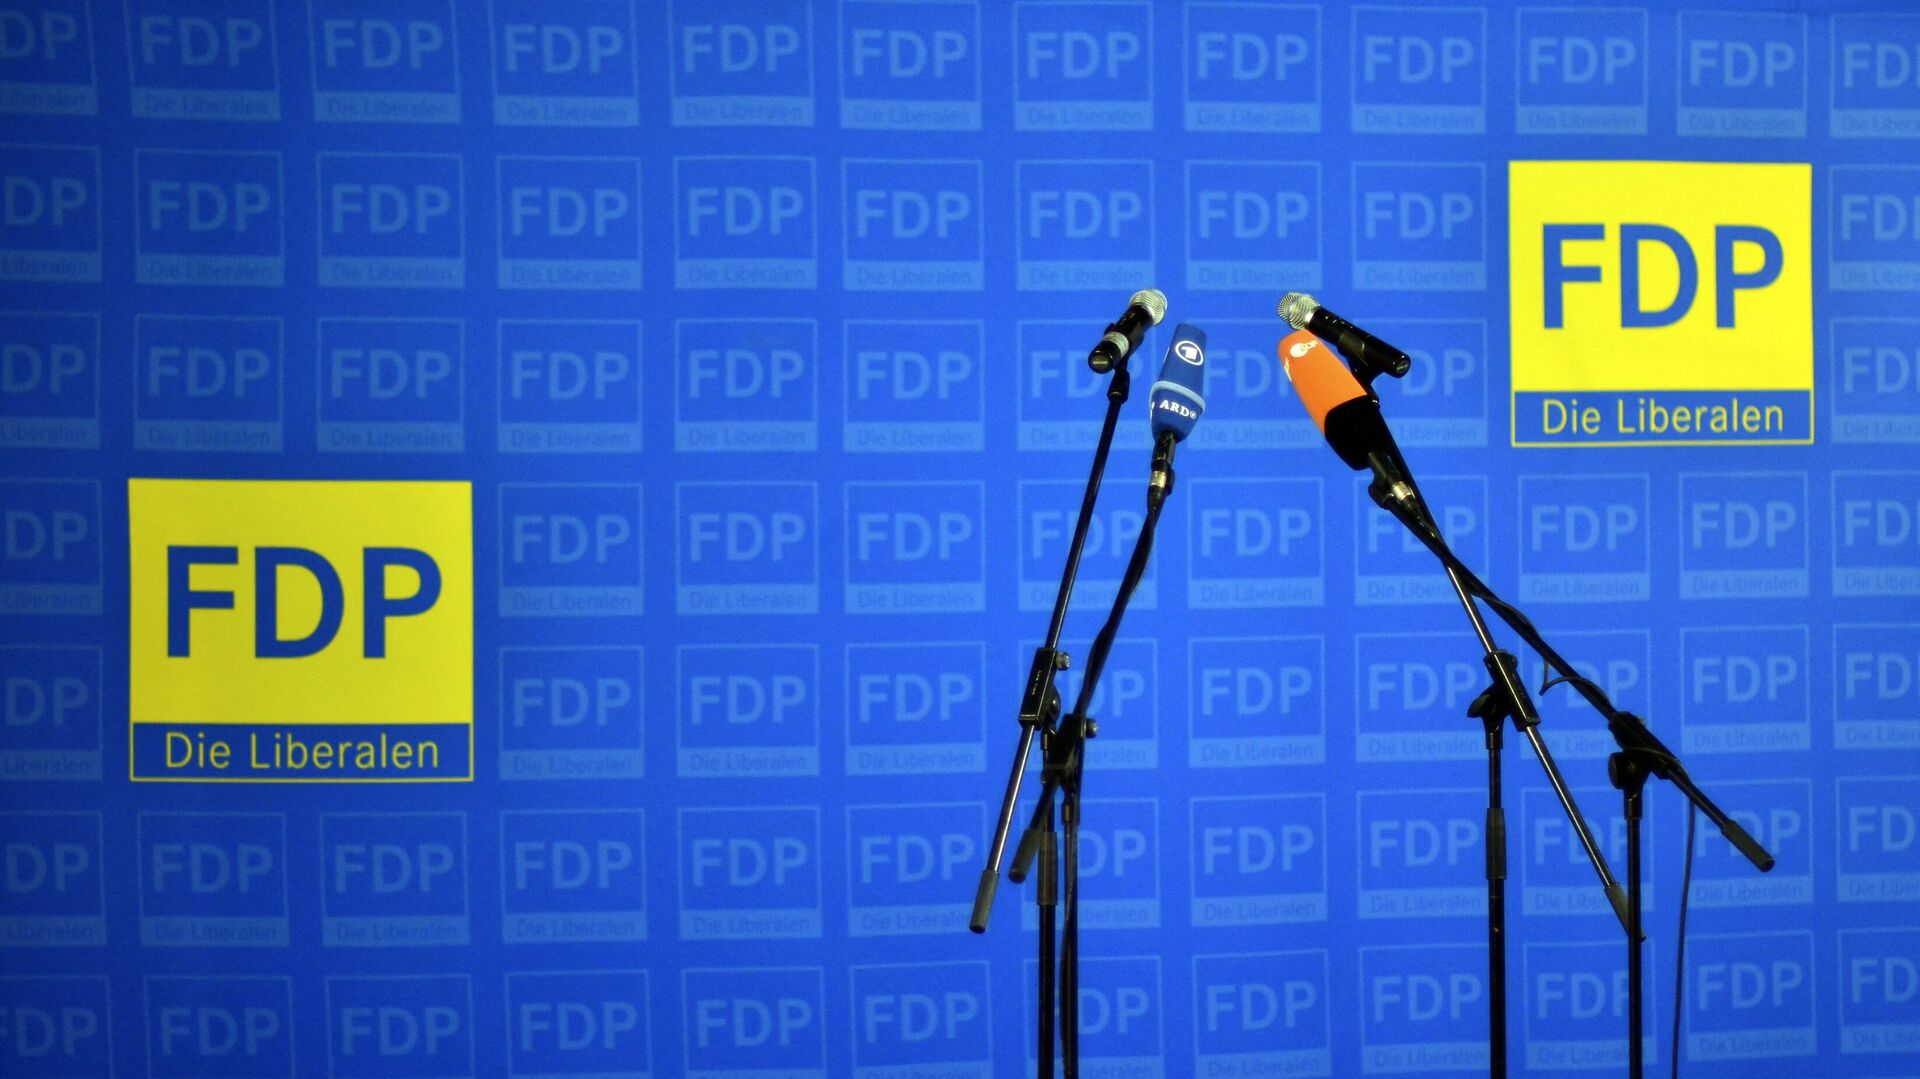 FDP (Logo) - SNA, 1920, 13.07.2021